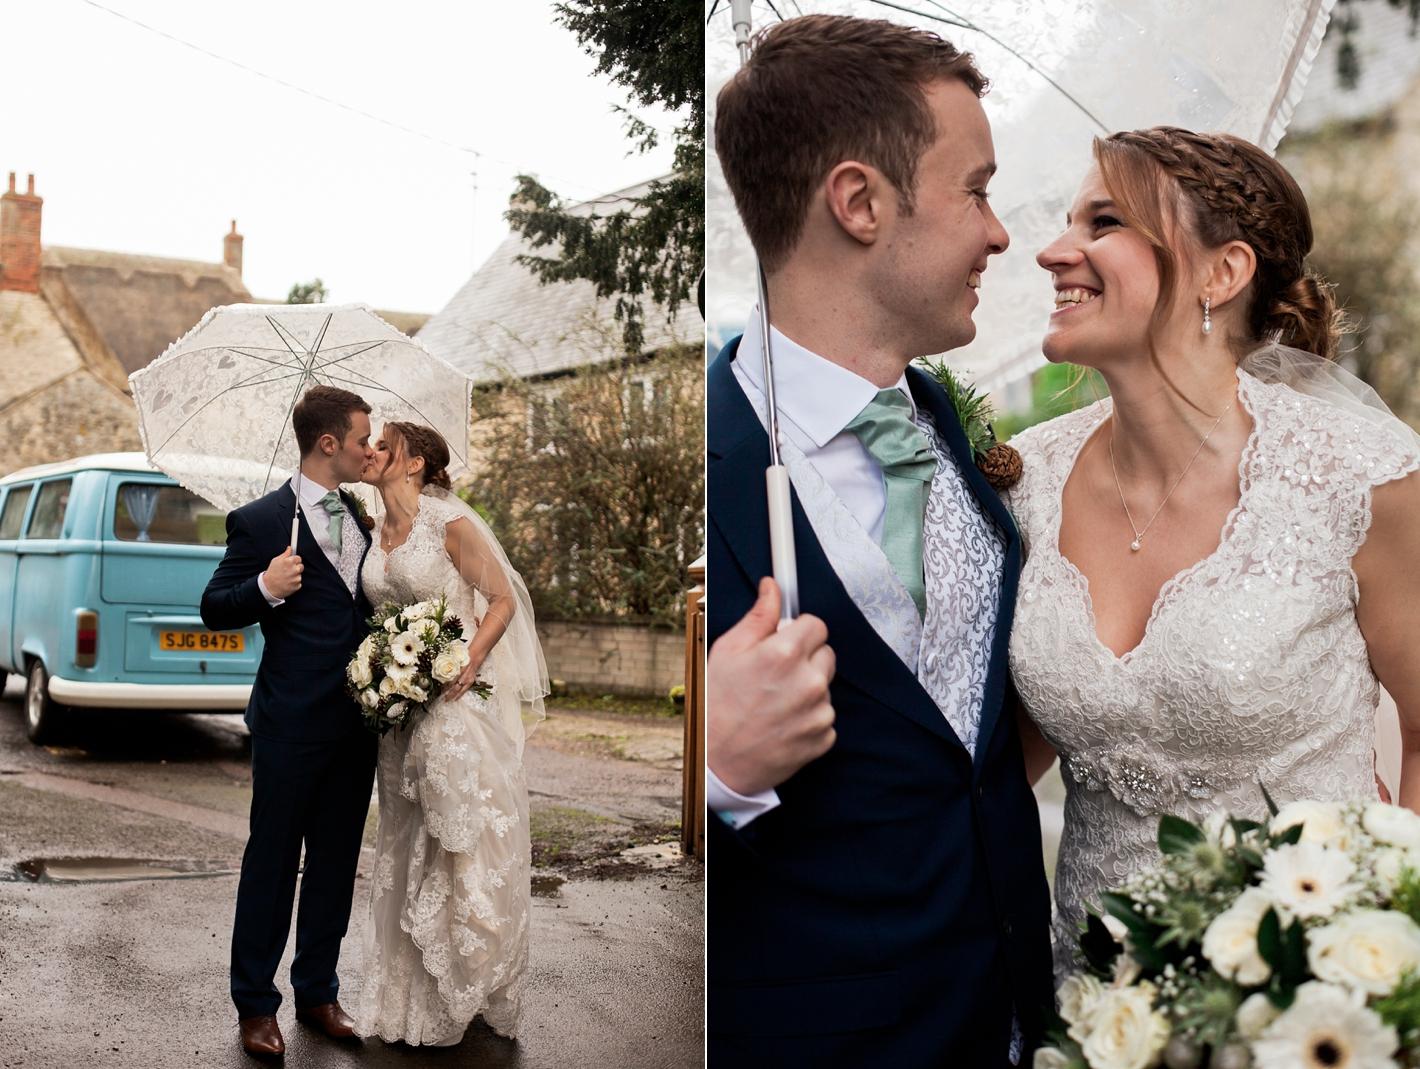 Emily + Tom wedding photography Hampshire Wedding Photographer Lilybean Photography 14